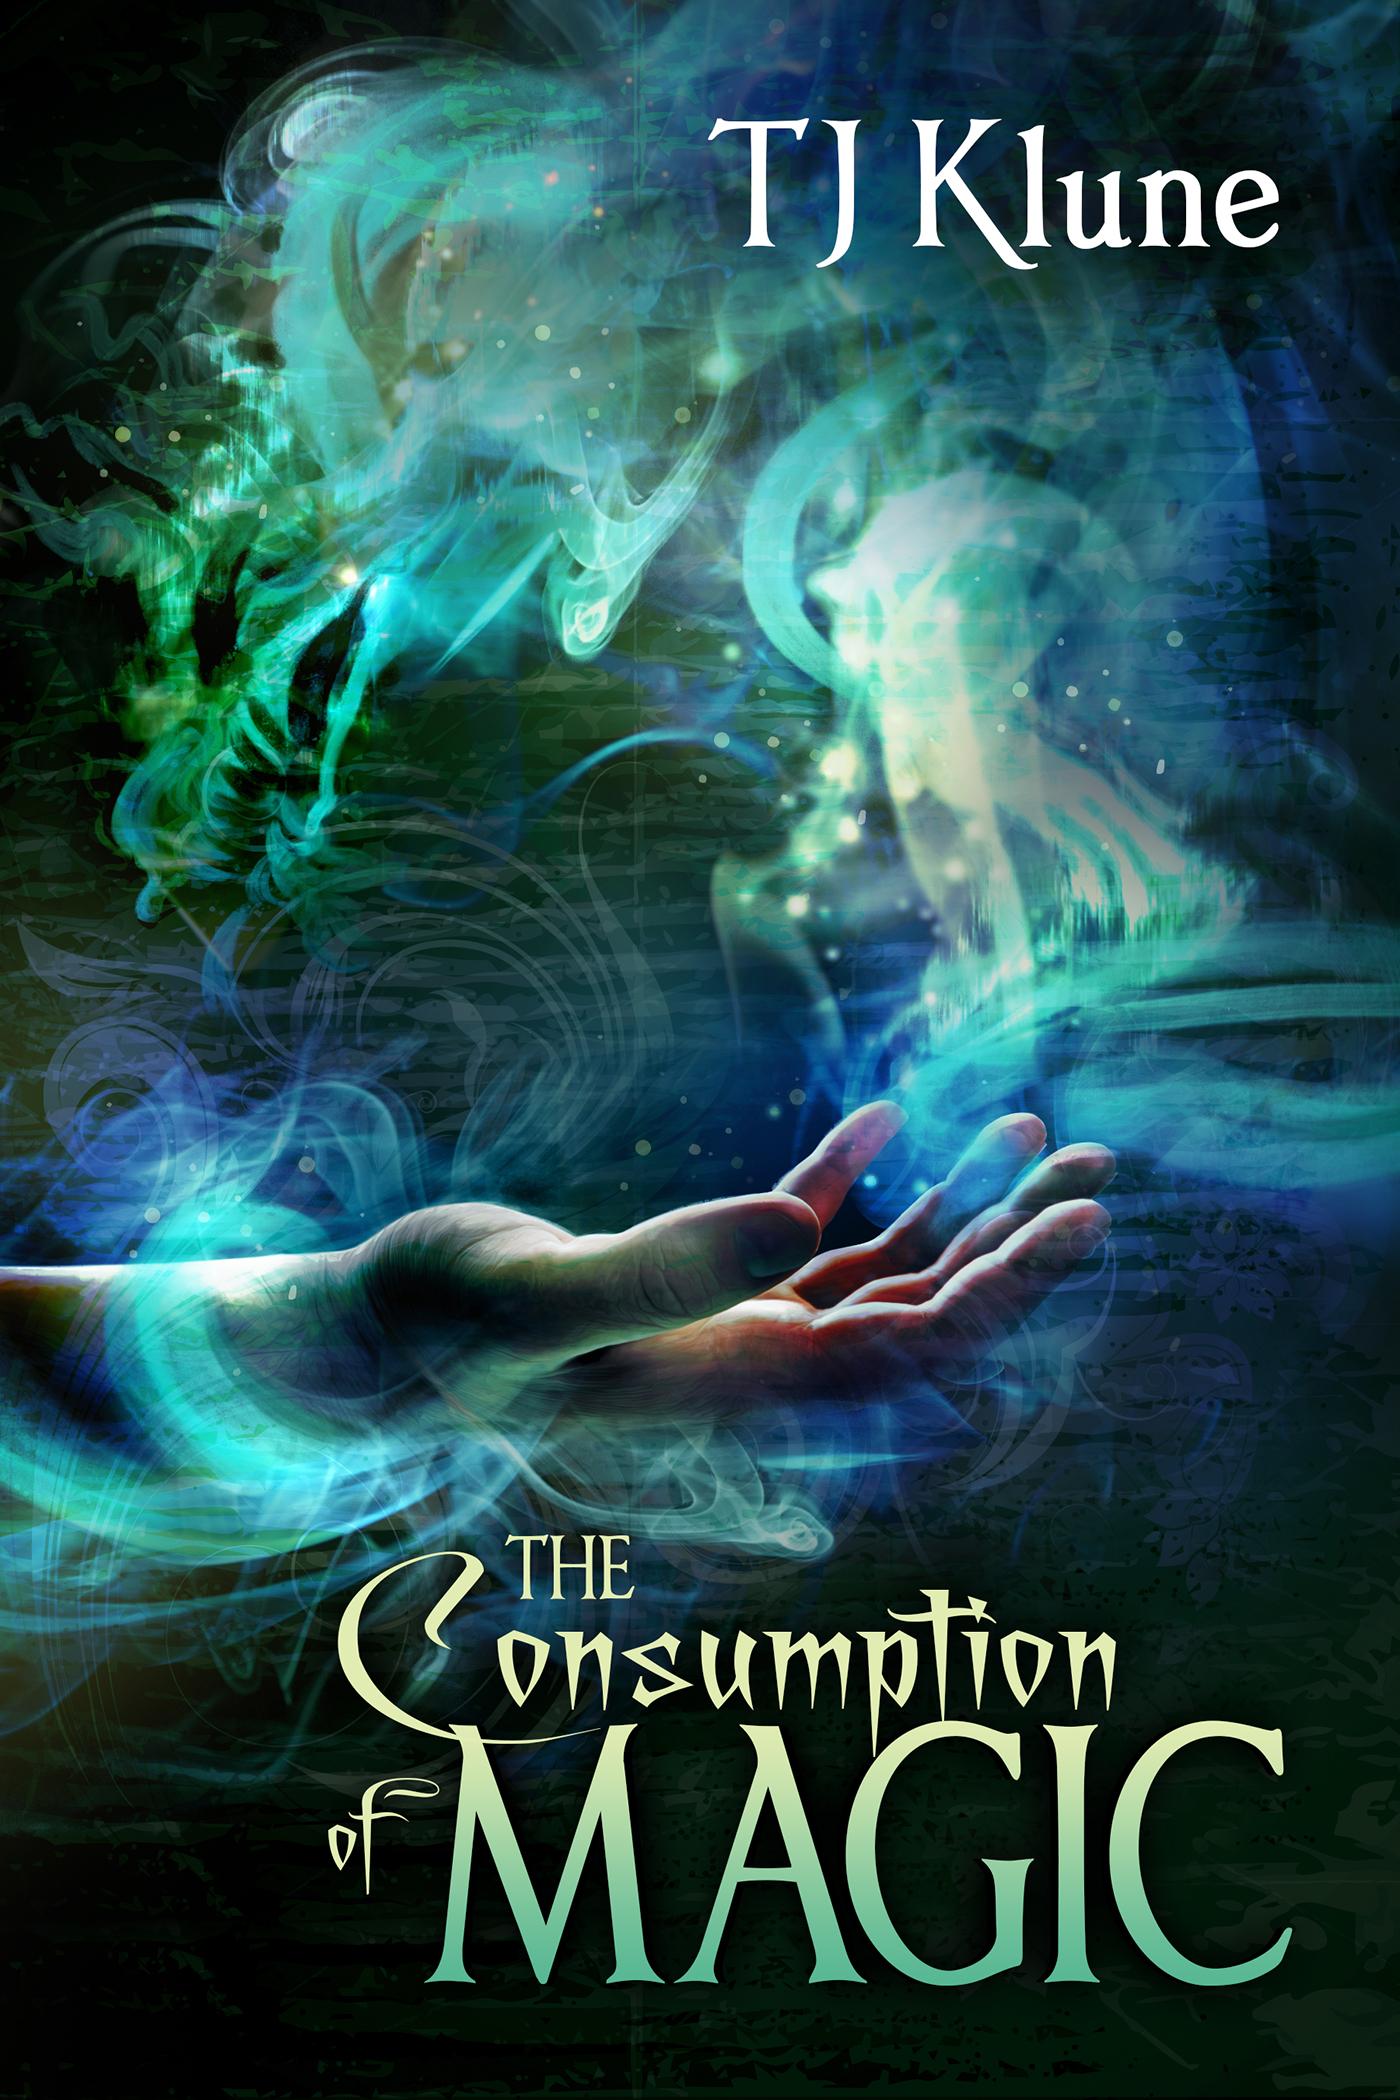 ConsumptionofMagic[The]3.jpg